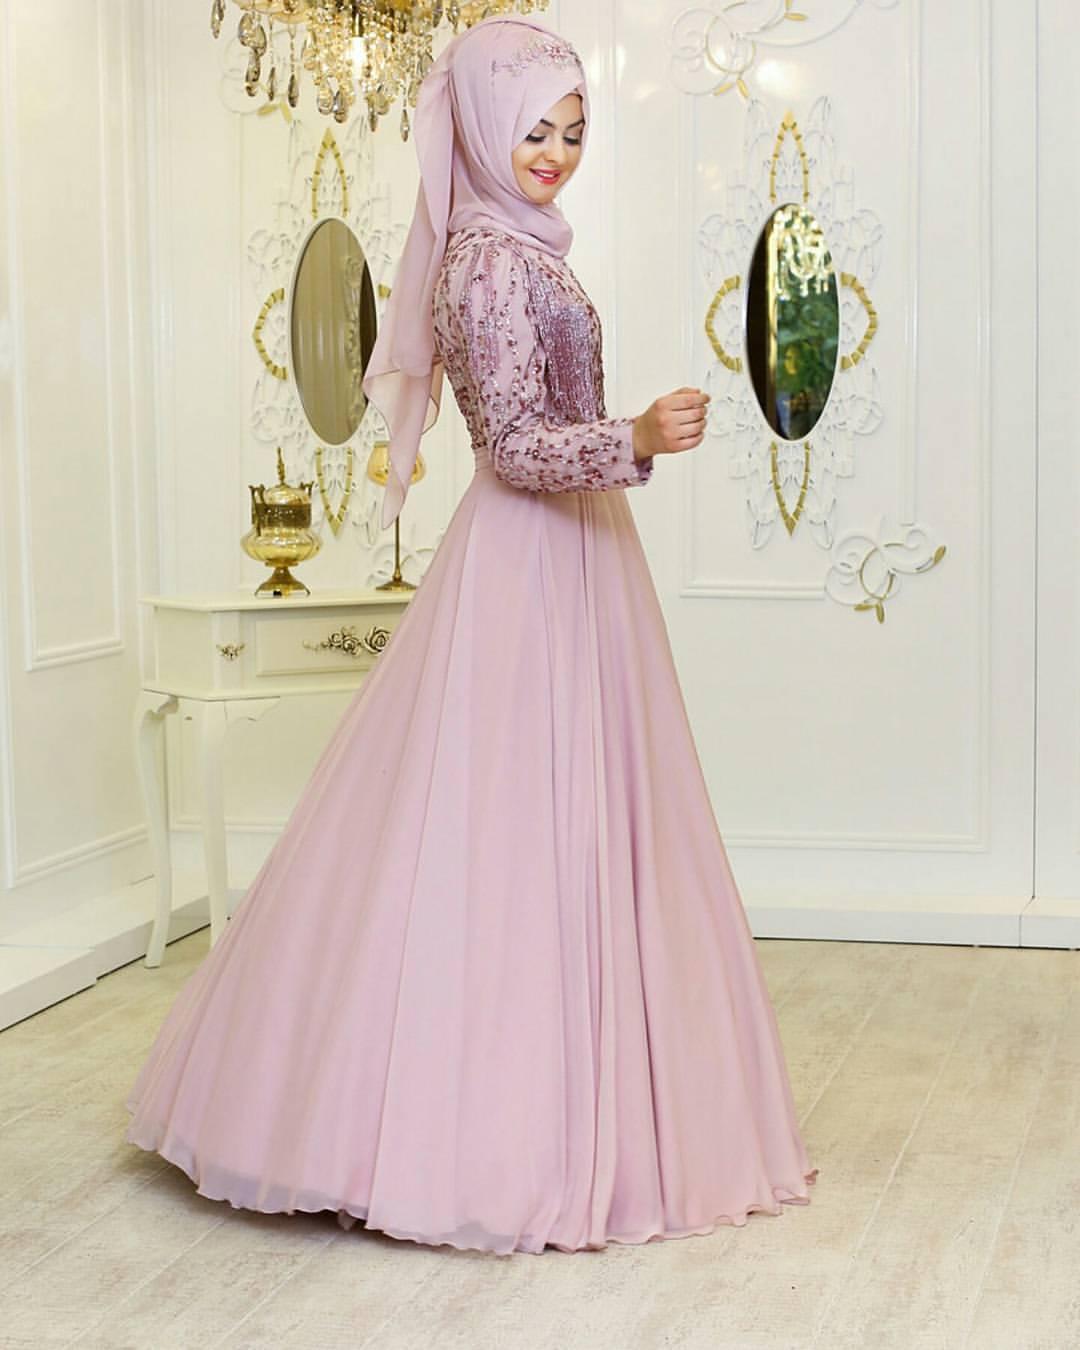 Pinarsems Abiye Modelleri 34 - 2018 Pınar Şems Abiye Modelleri